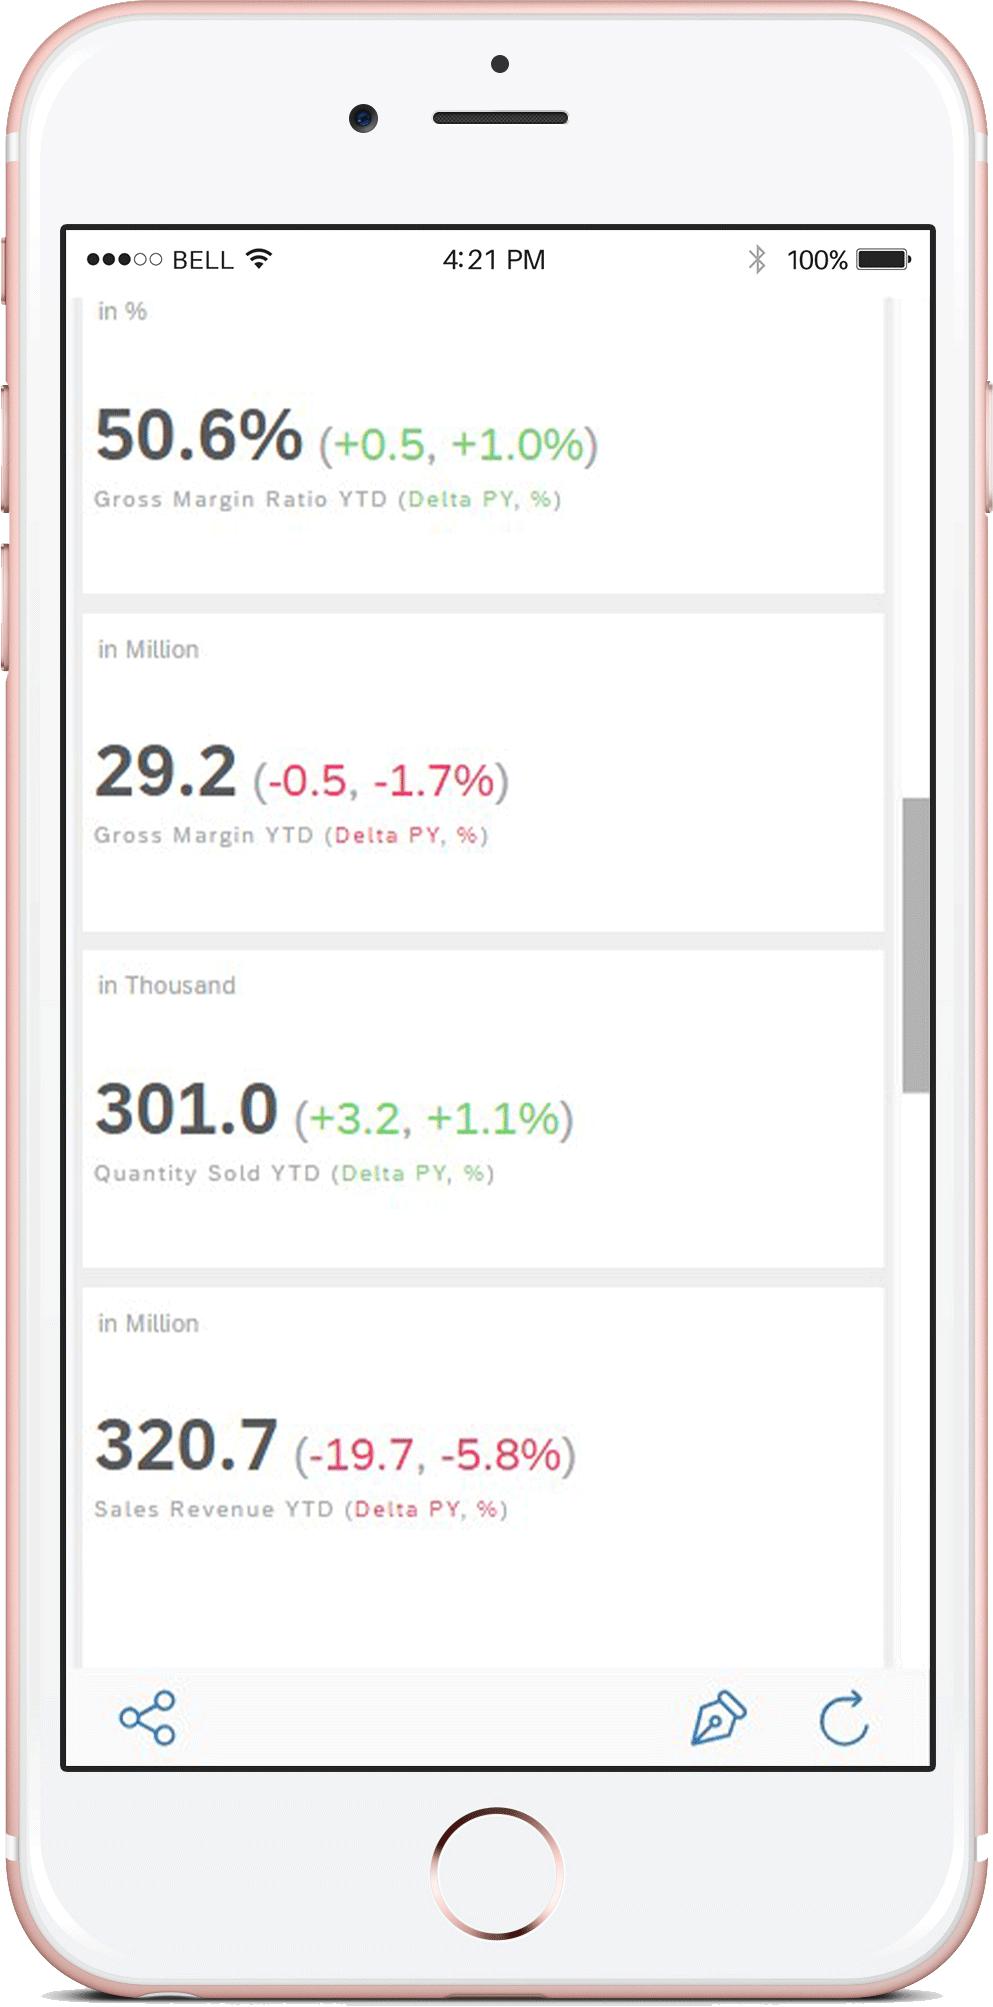 Bild eines Smartphone Screens mit der Nutzeroberfläche der mobilen App: SAP Analytics Cloud